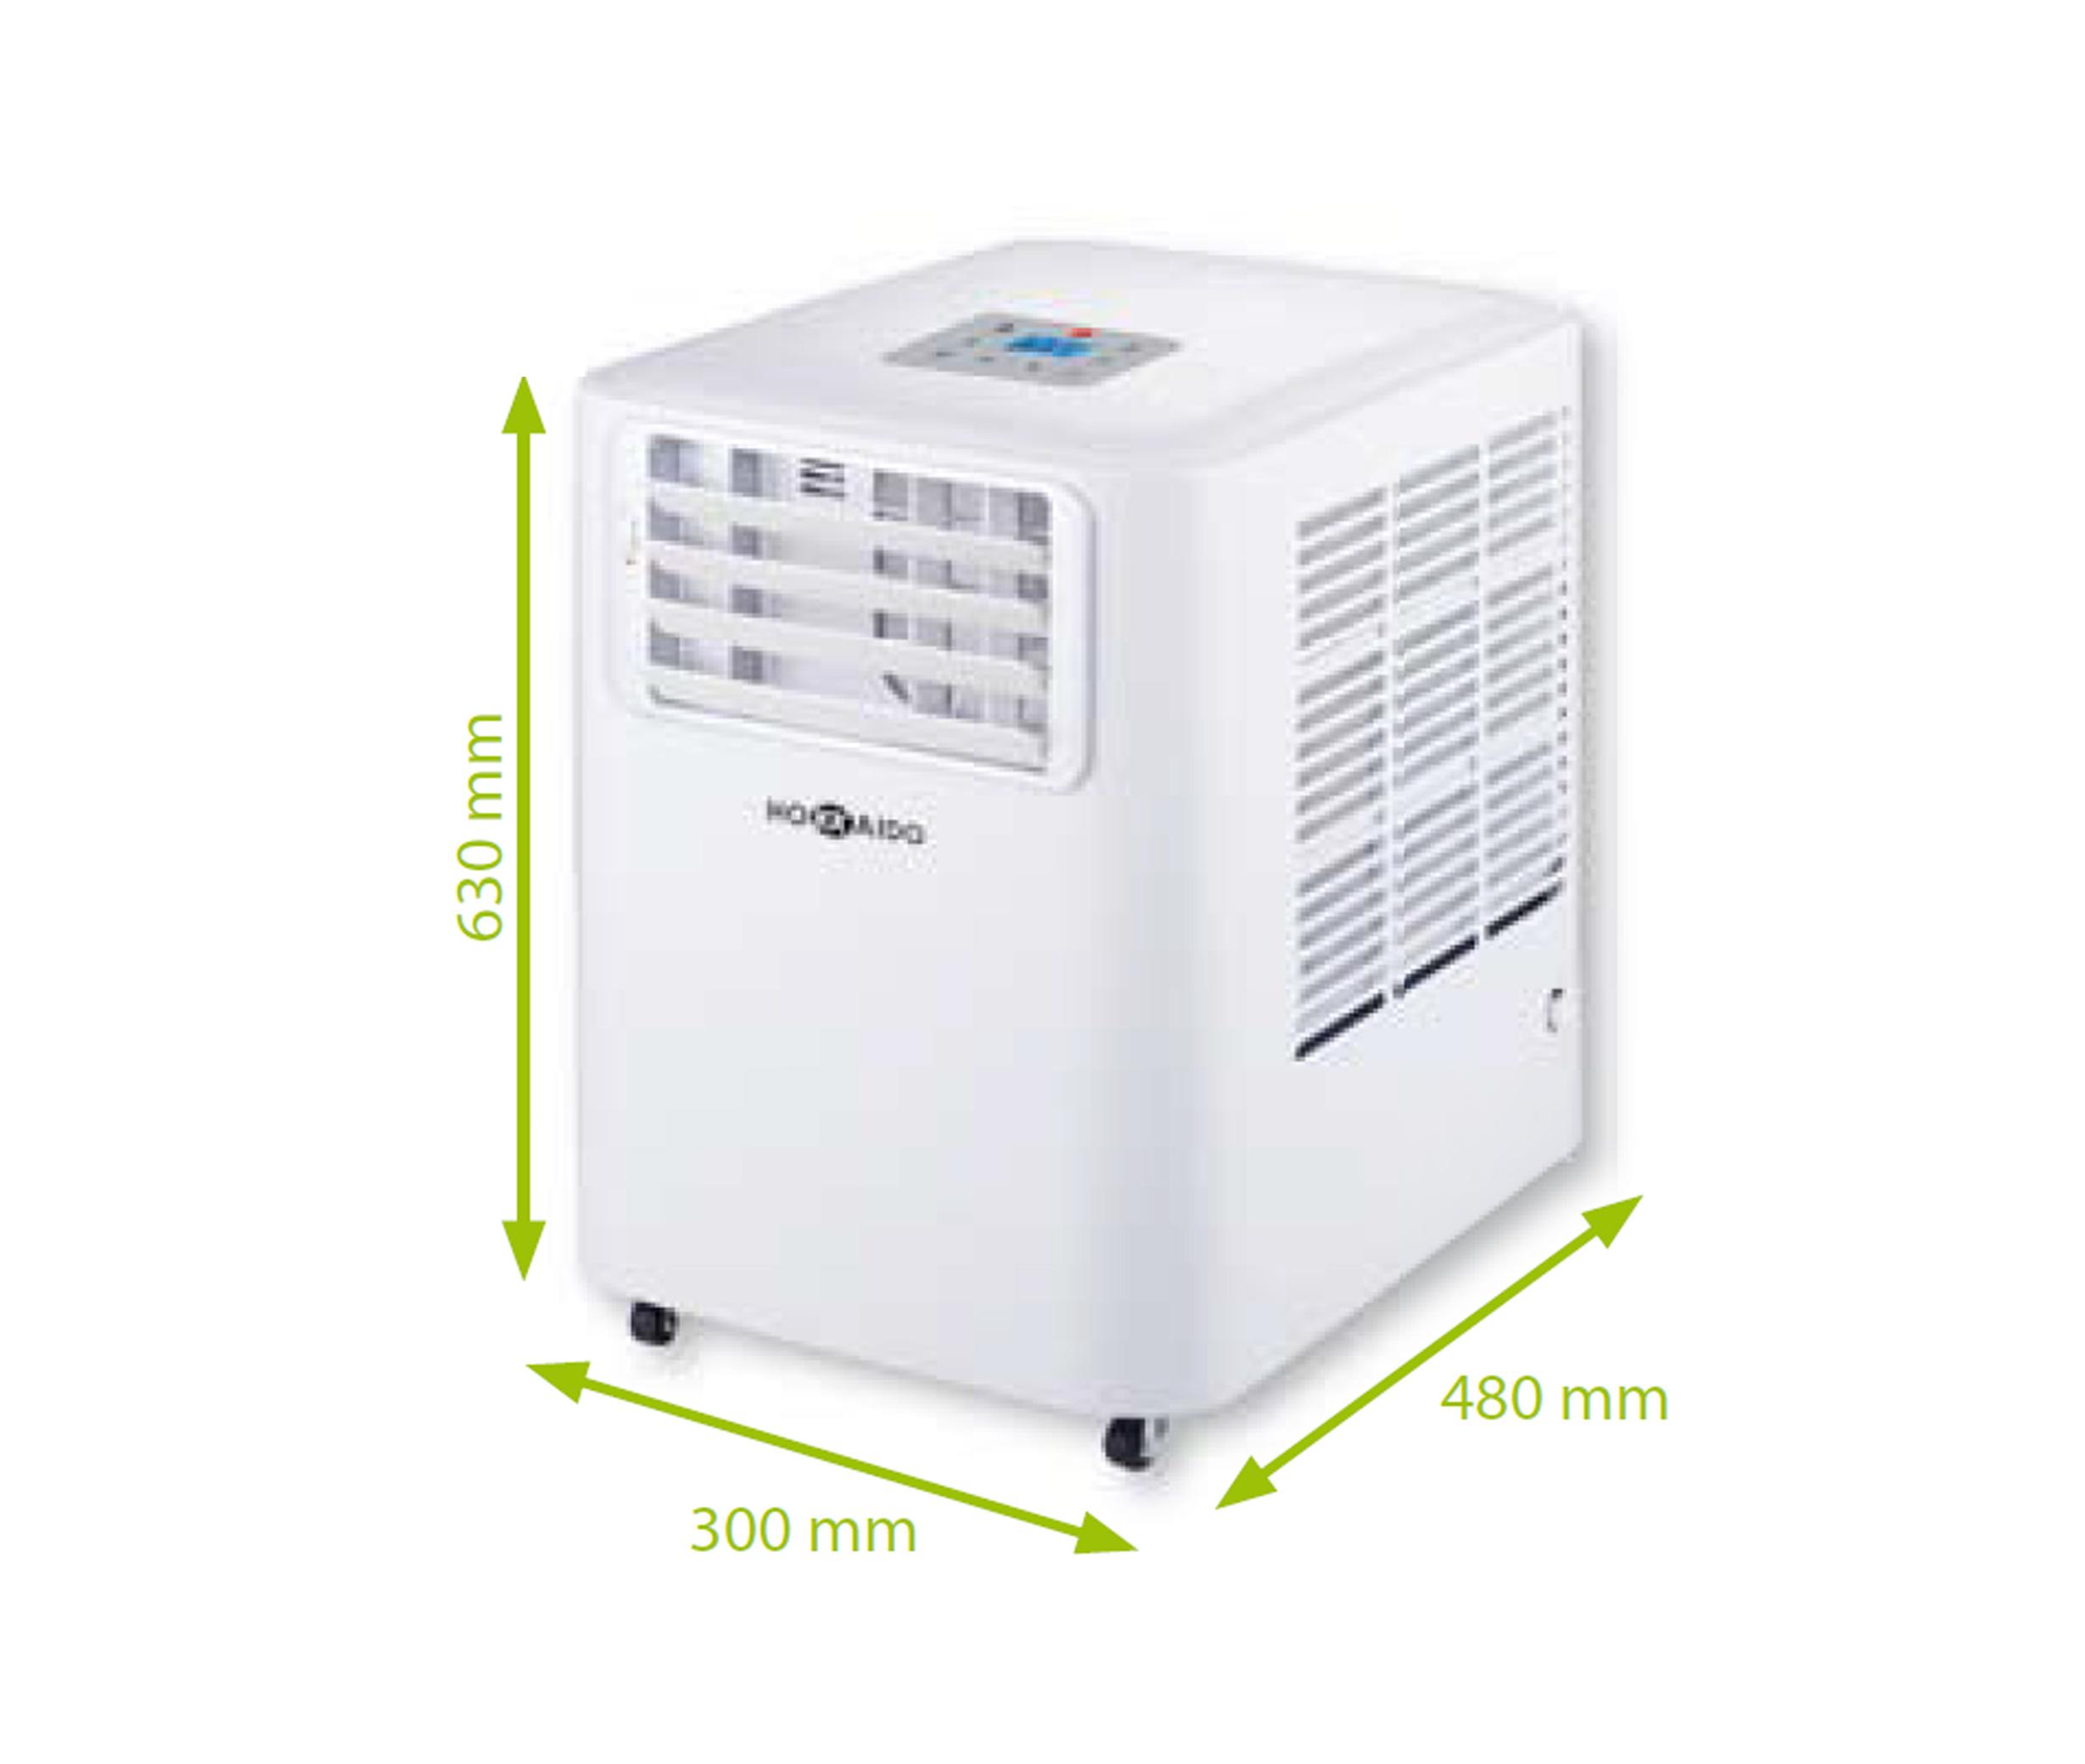 Climatizzatore portatile  monoblocco  a vaporizzazione  automatica  , classe energetica A +